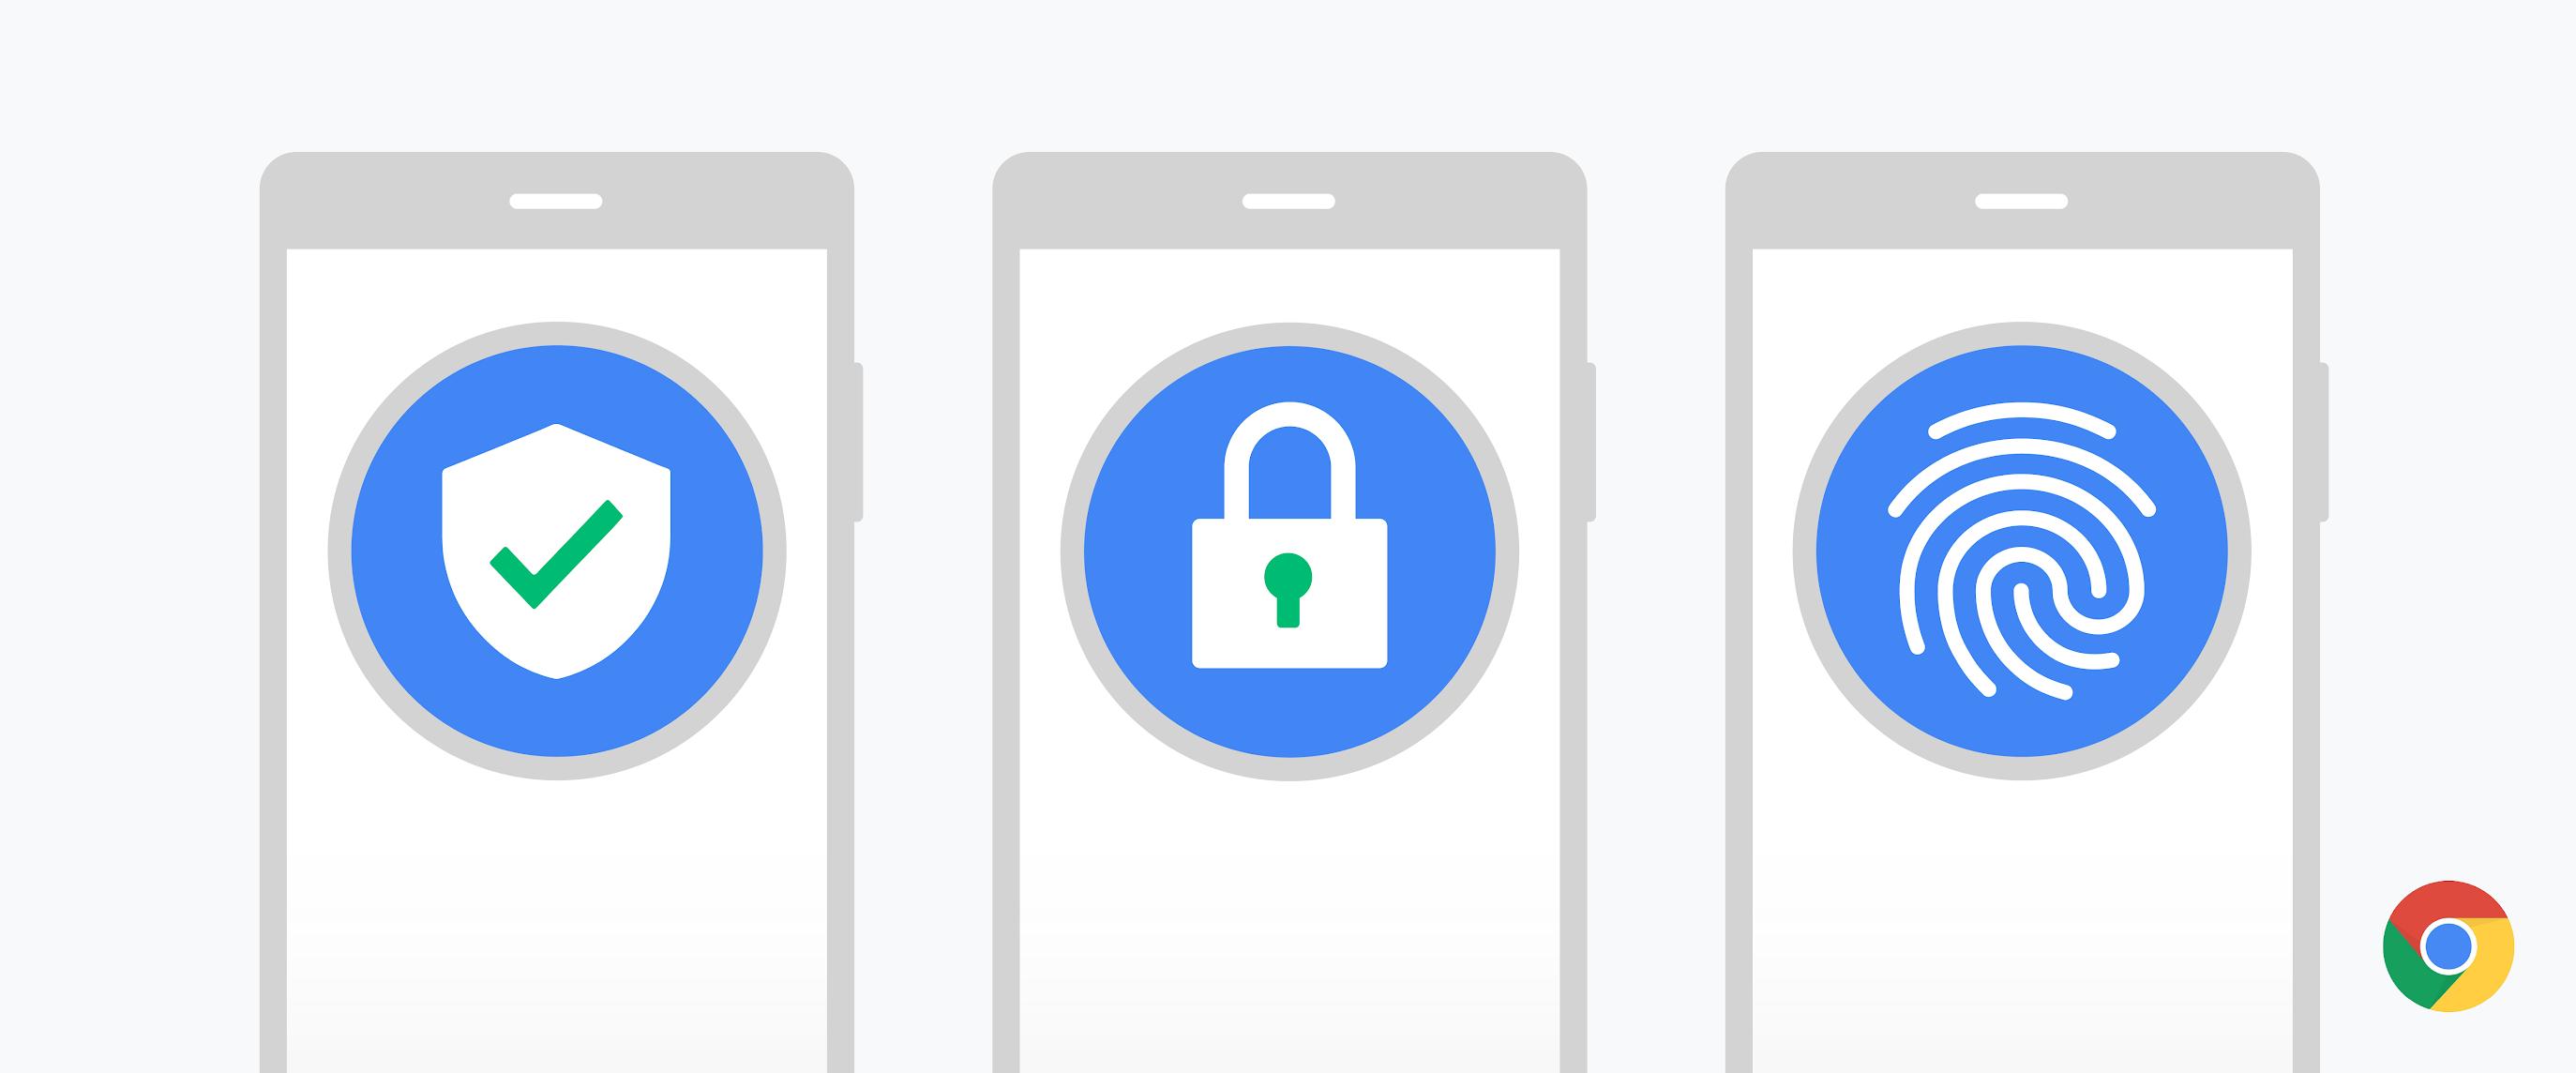 Google améliore la sécurité des mots de passe sur les versions mobiles de Chrome 1